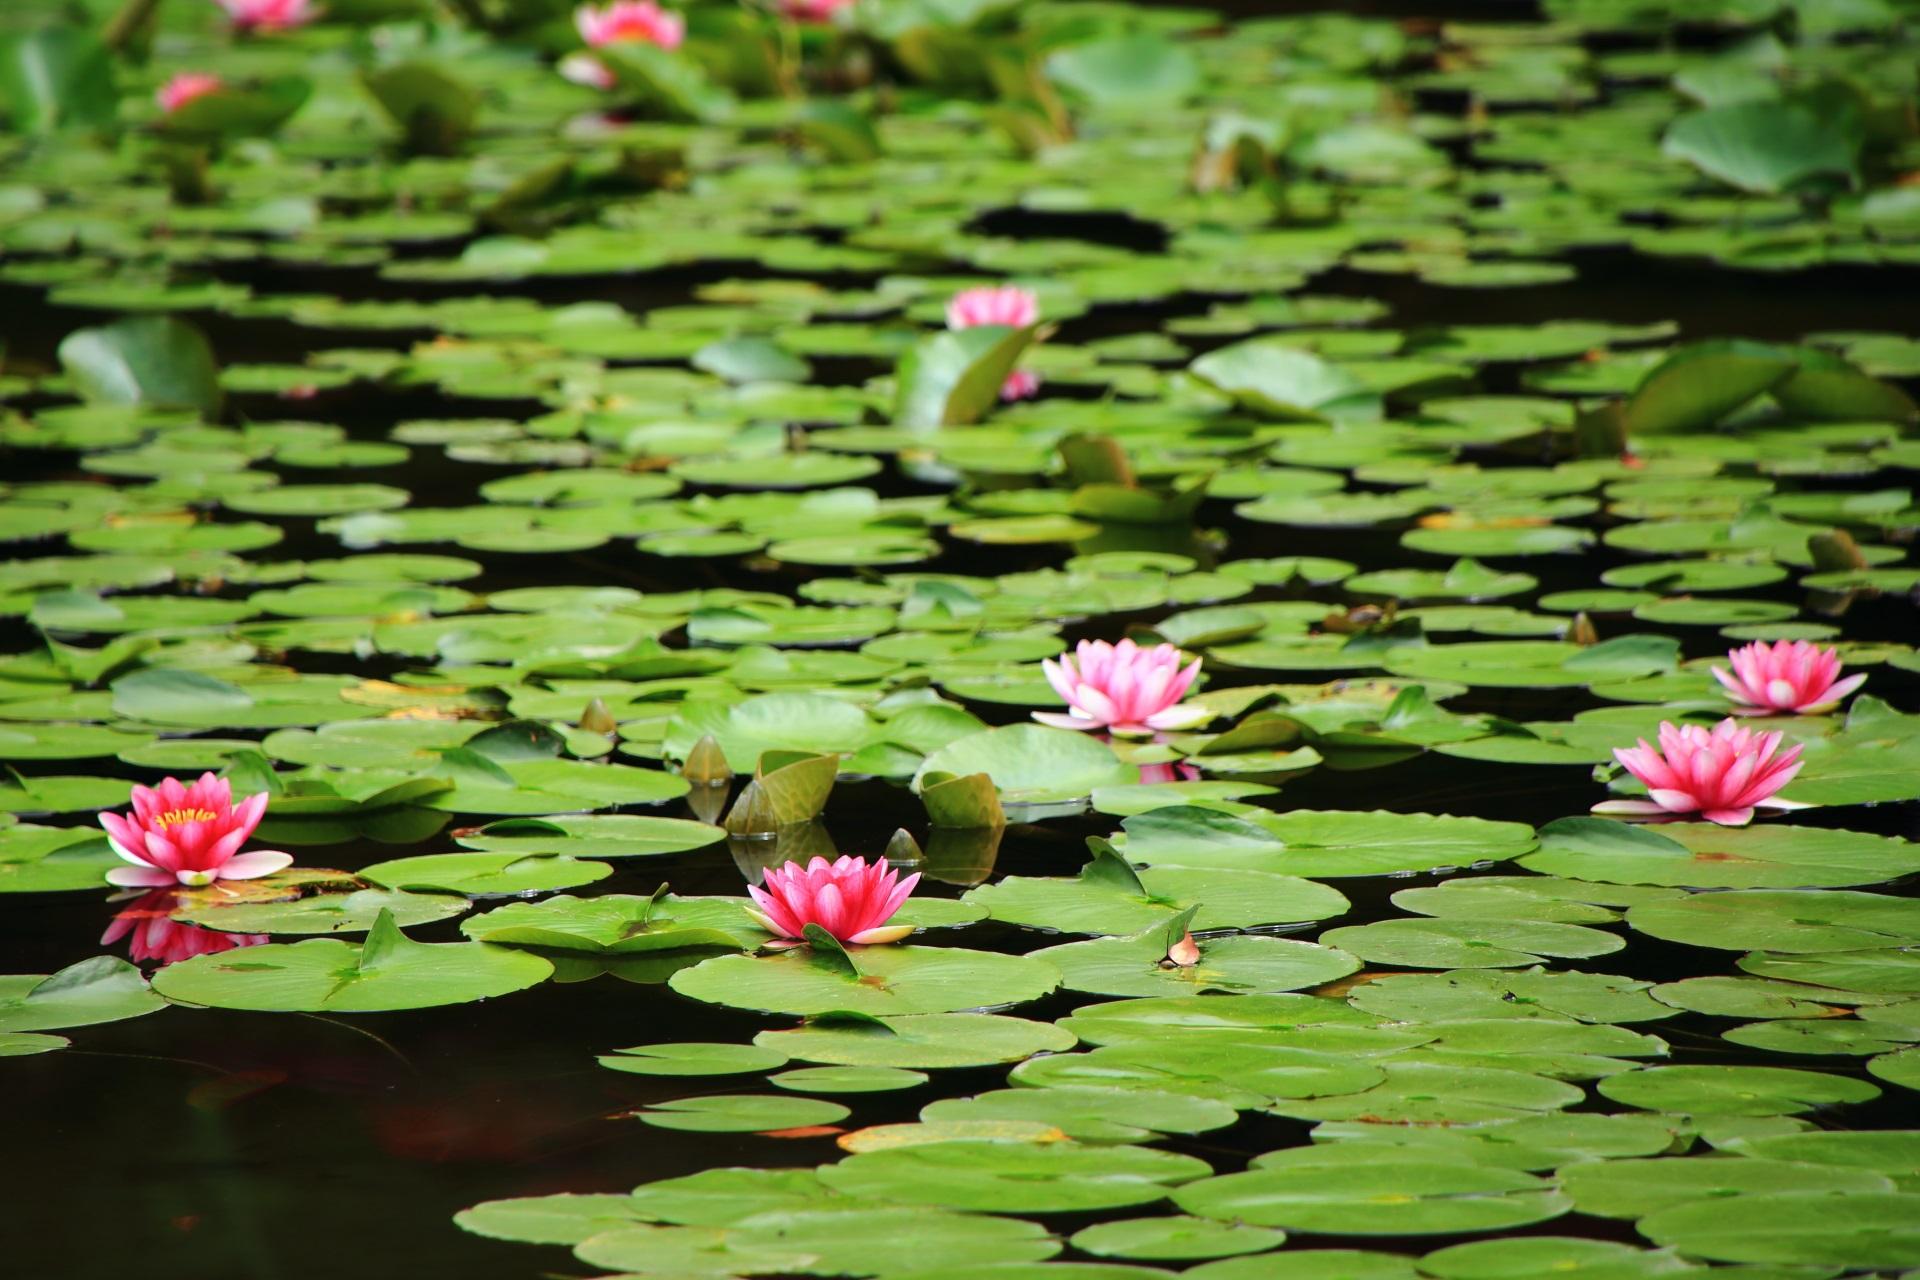 丸く淡い緑の葉の上で咲くピンクの睡蓮